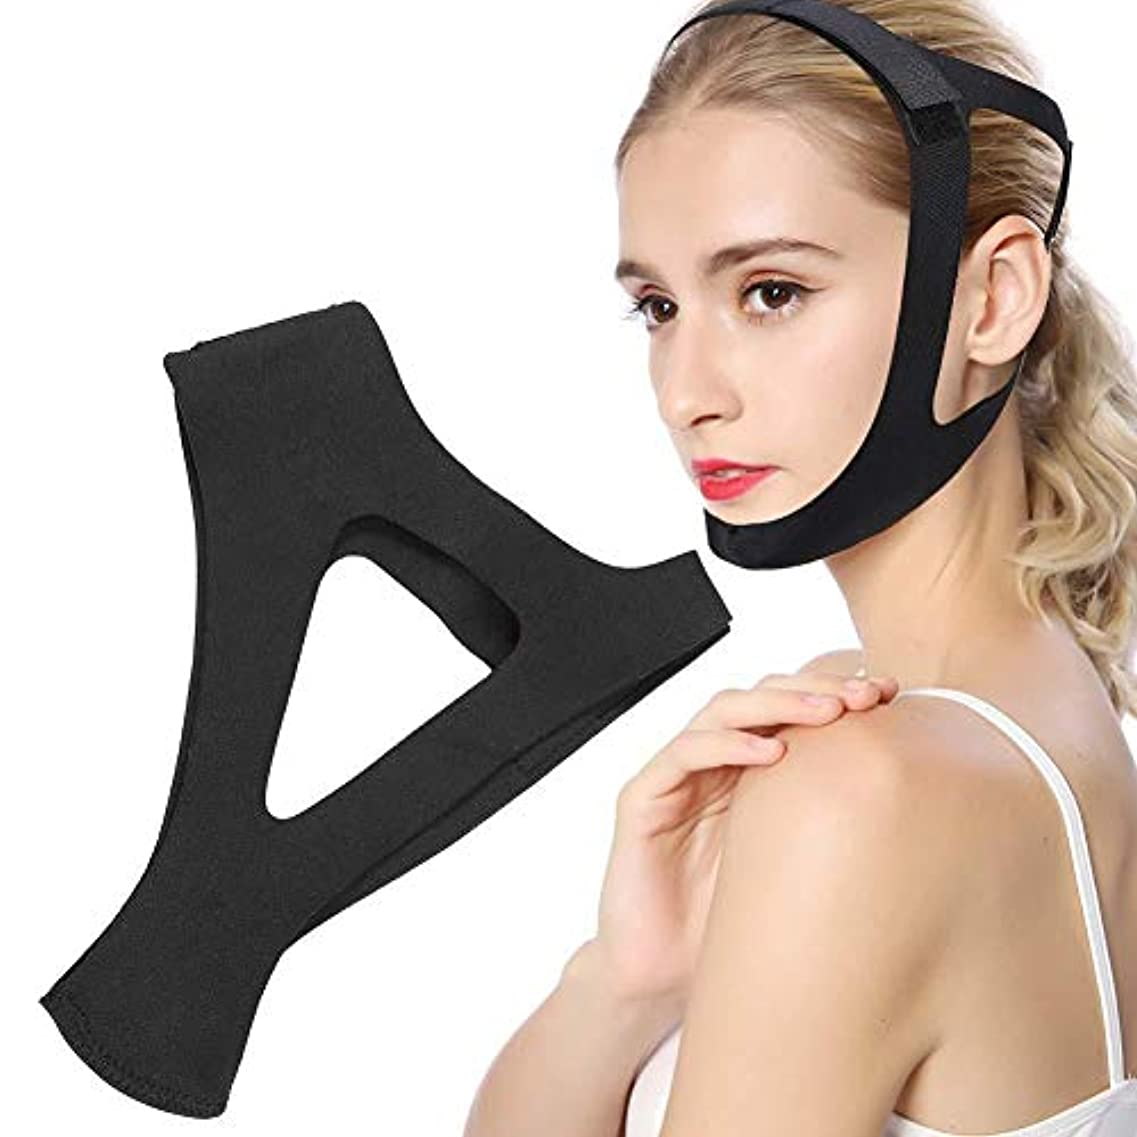 適用する合図神のあごのサポートベルト、普遍的な男性と女性の顎顔面リフティングストラップ男性と女性のためのいびきの適切な睡眠